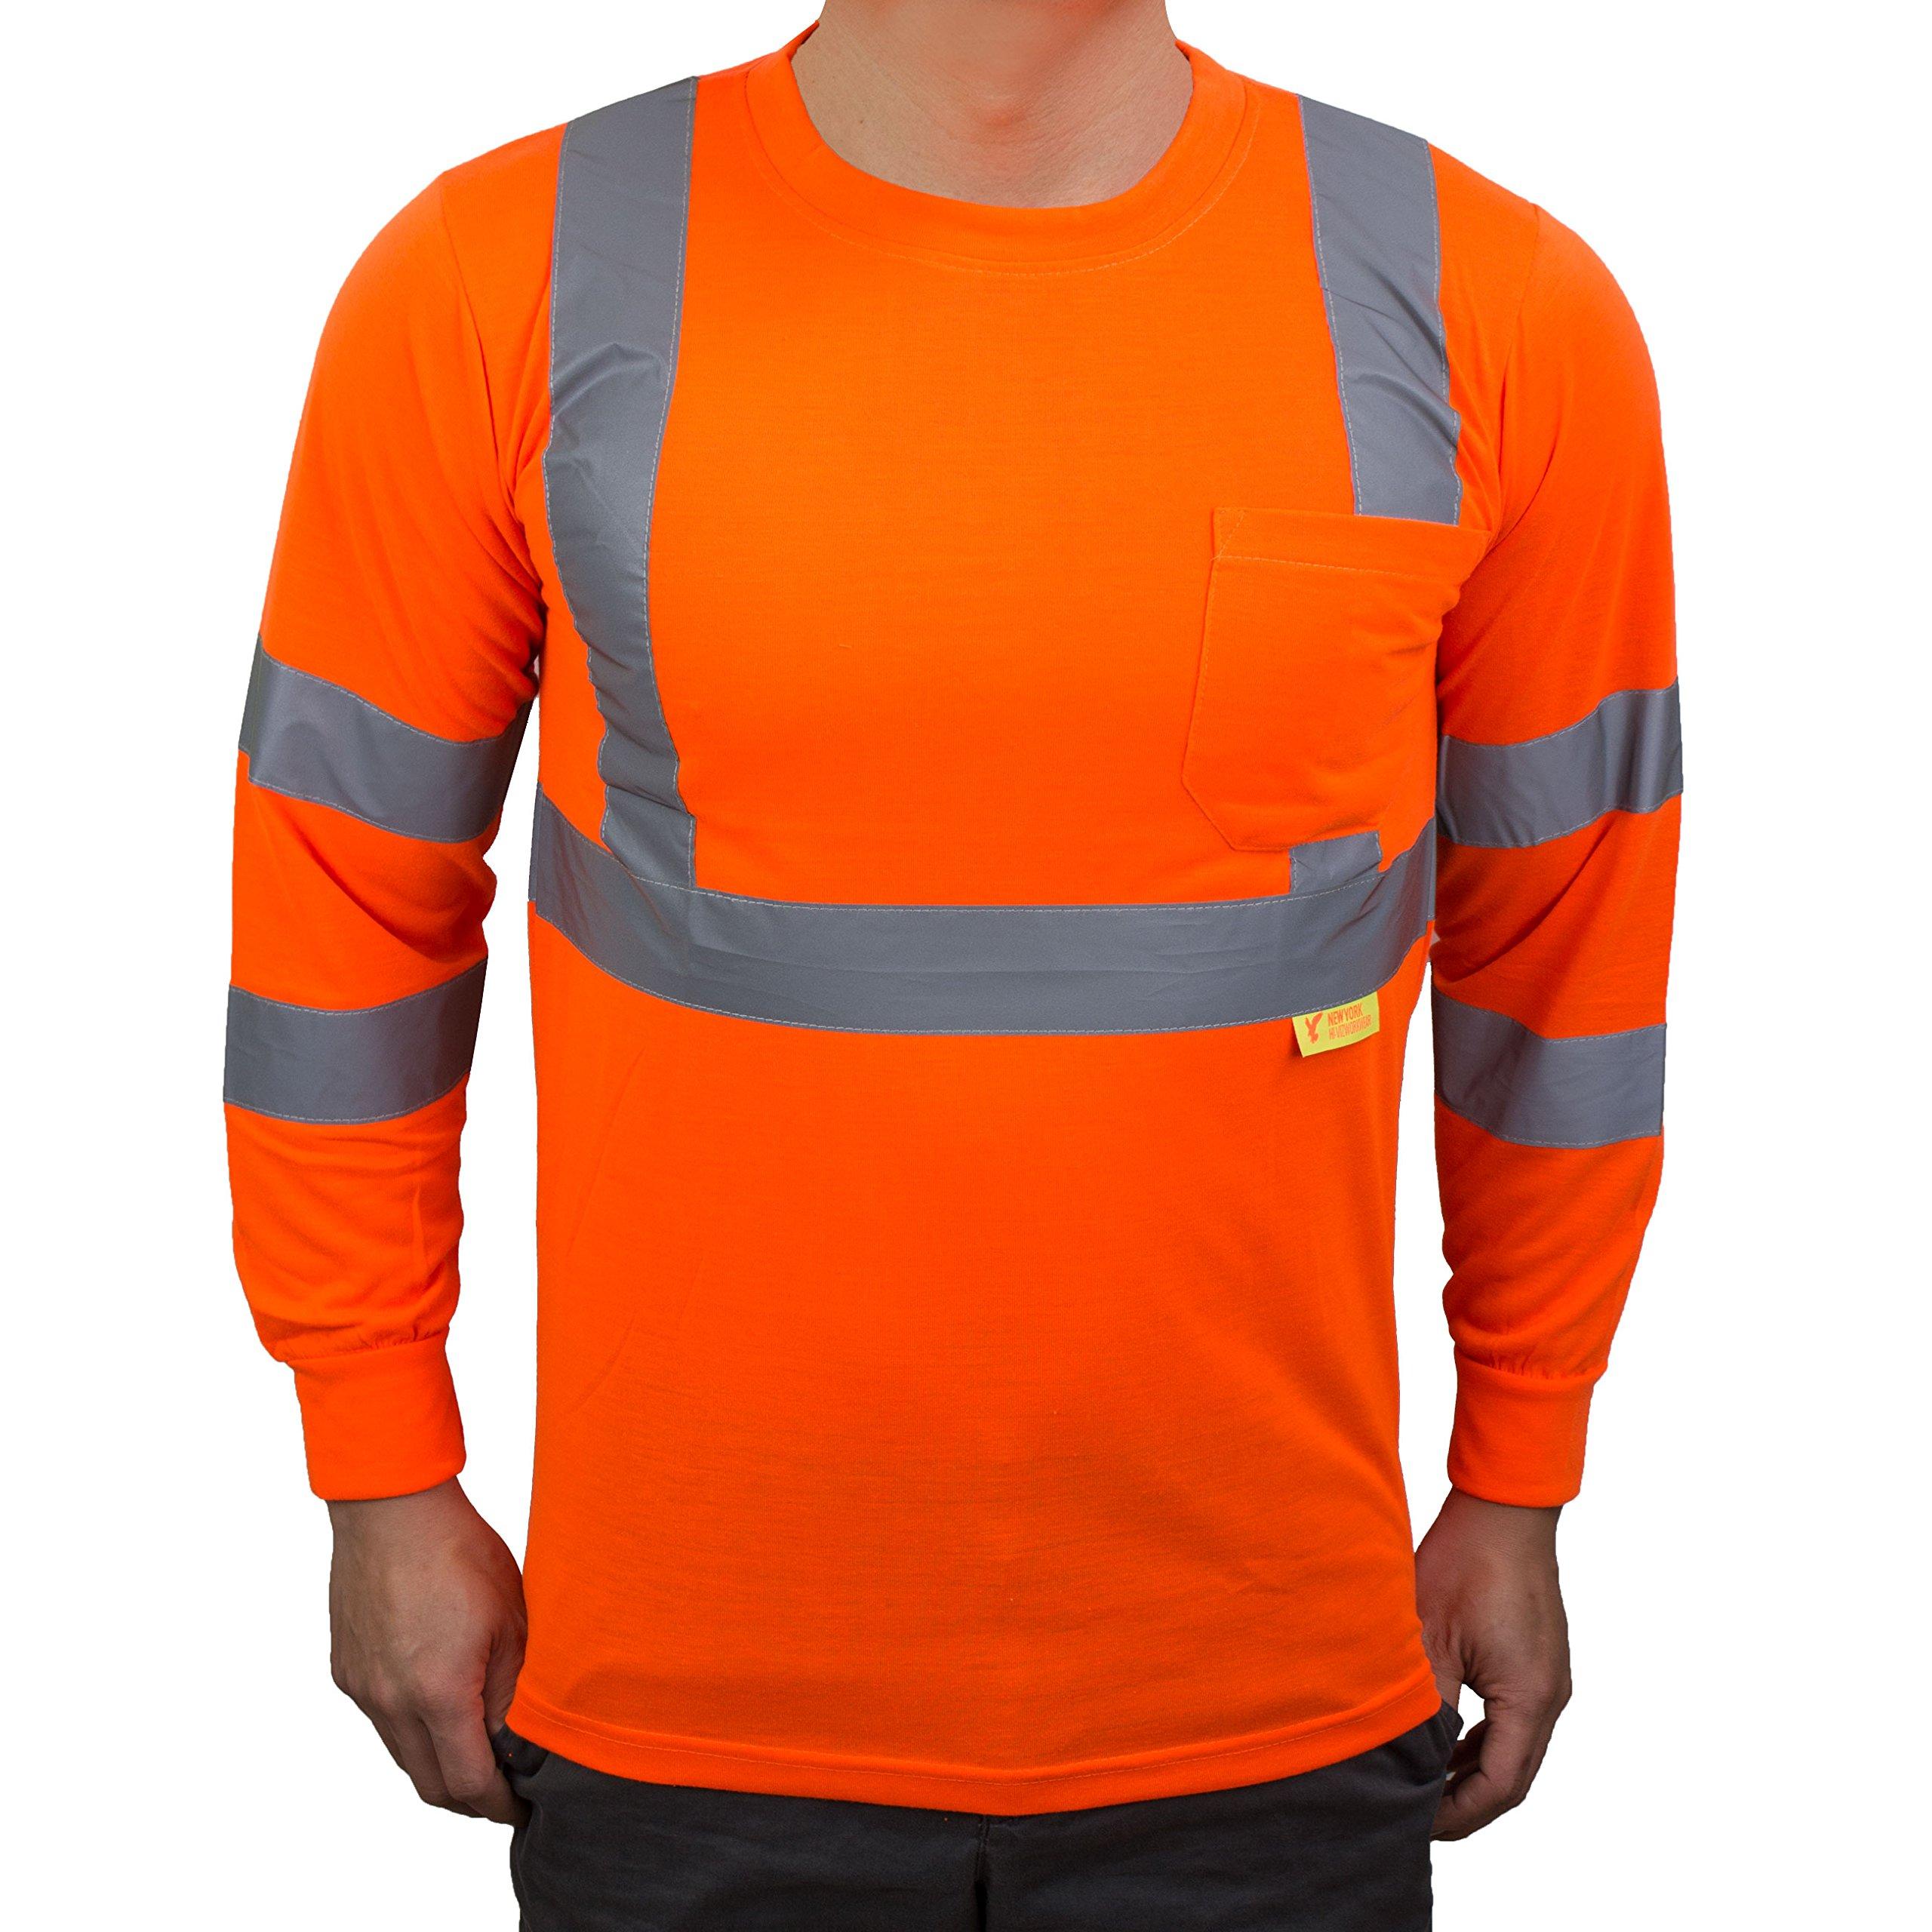 NY Hi-Viz Workwear L9091 Class 3 High Vis Reflective Long Sleeve ANSI Safety Shirt (Large, Orange) by New York Hi-Viz Workwear (Image #2)